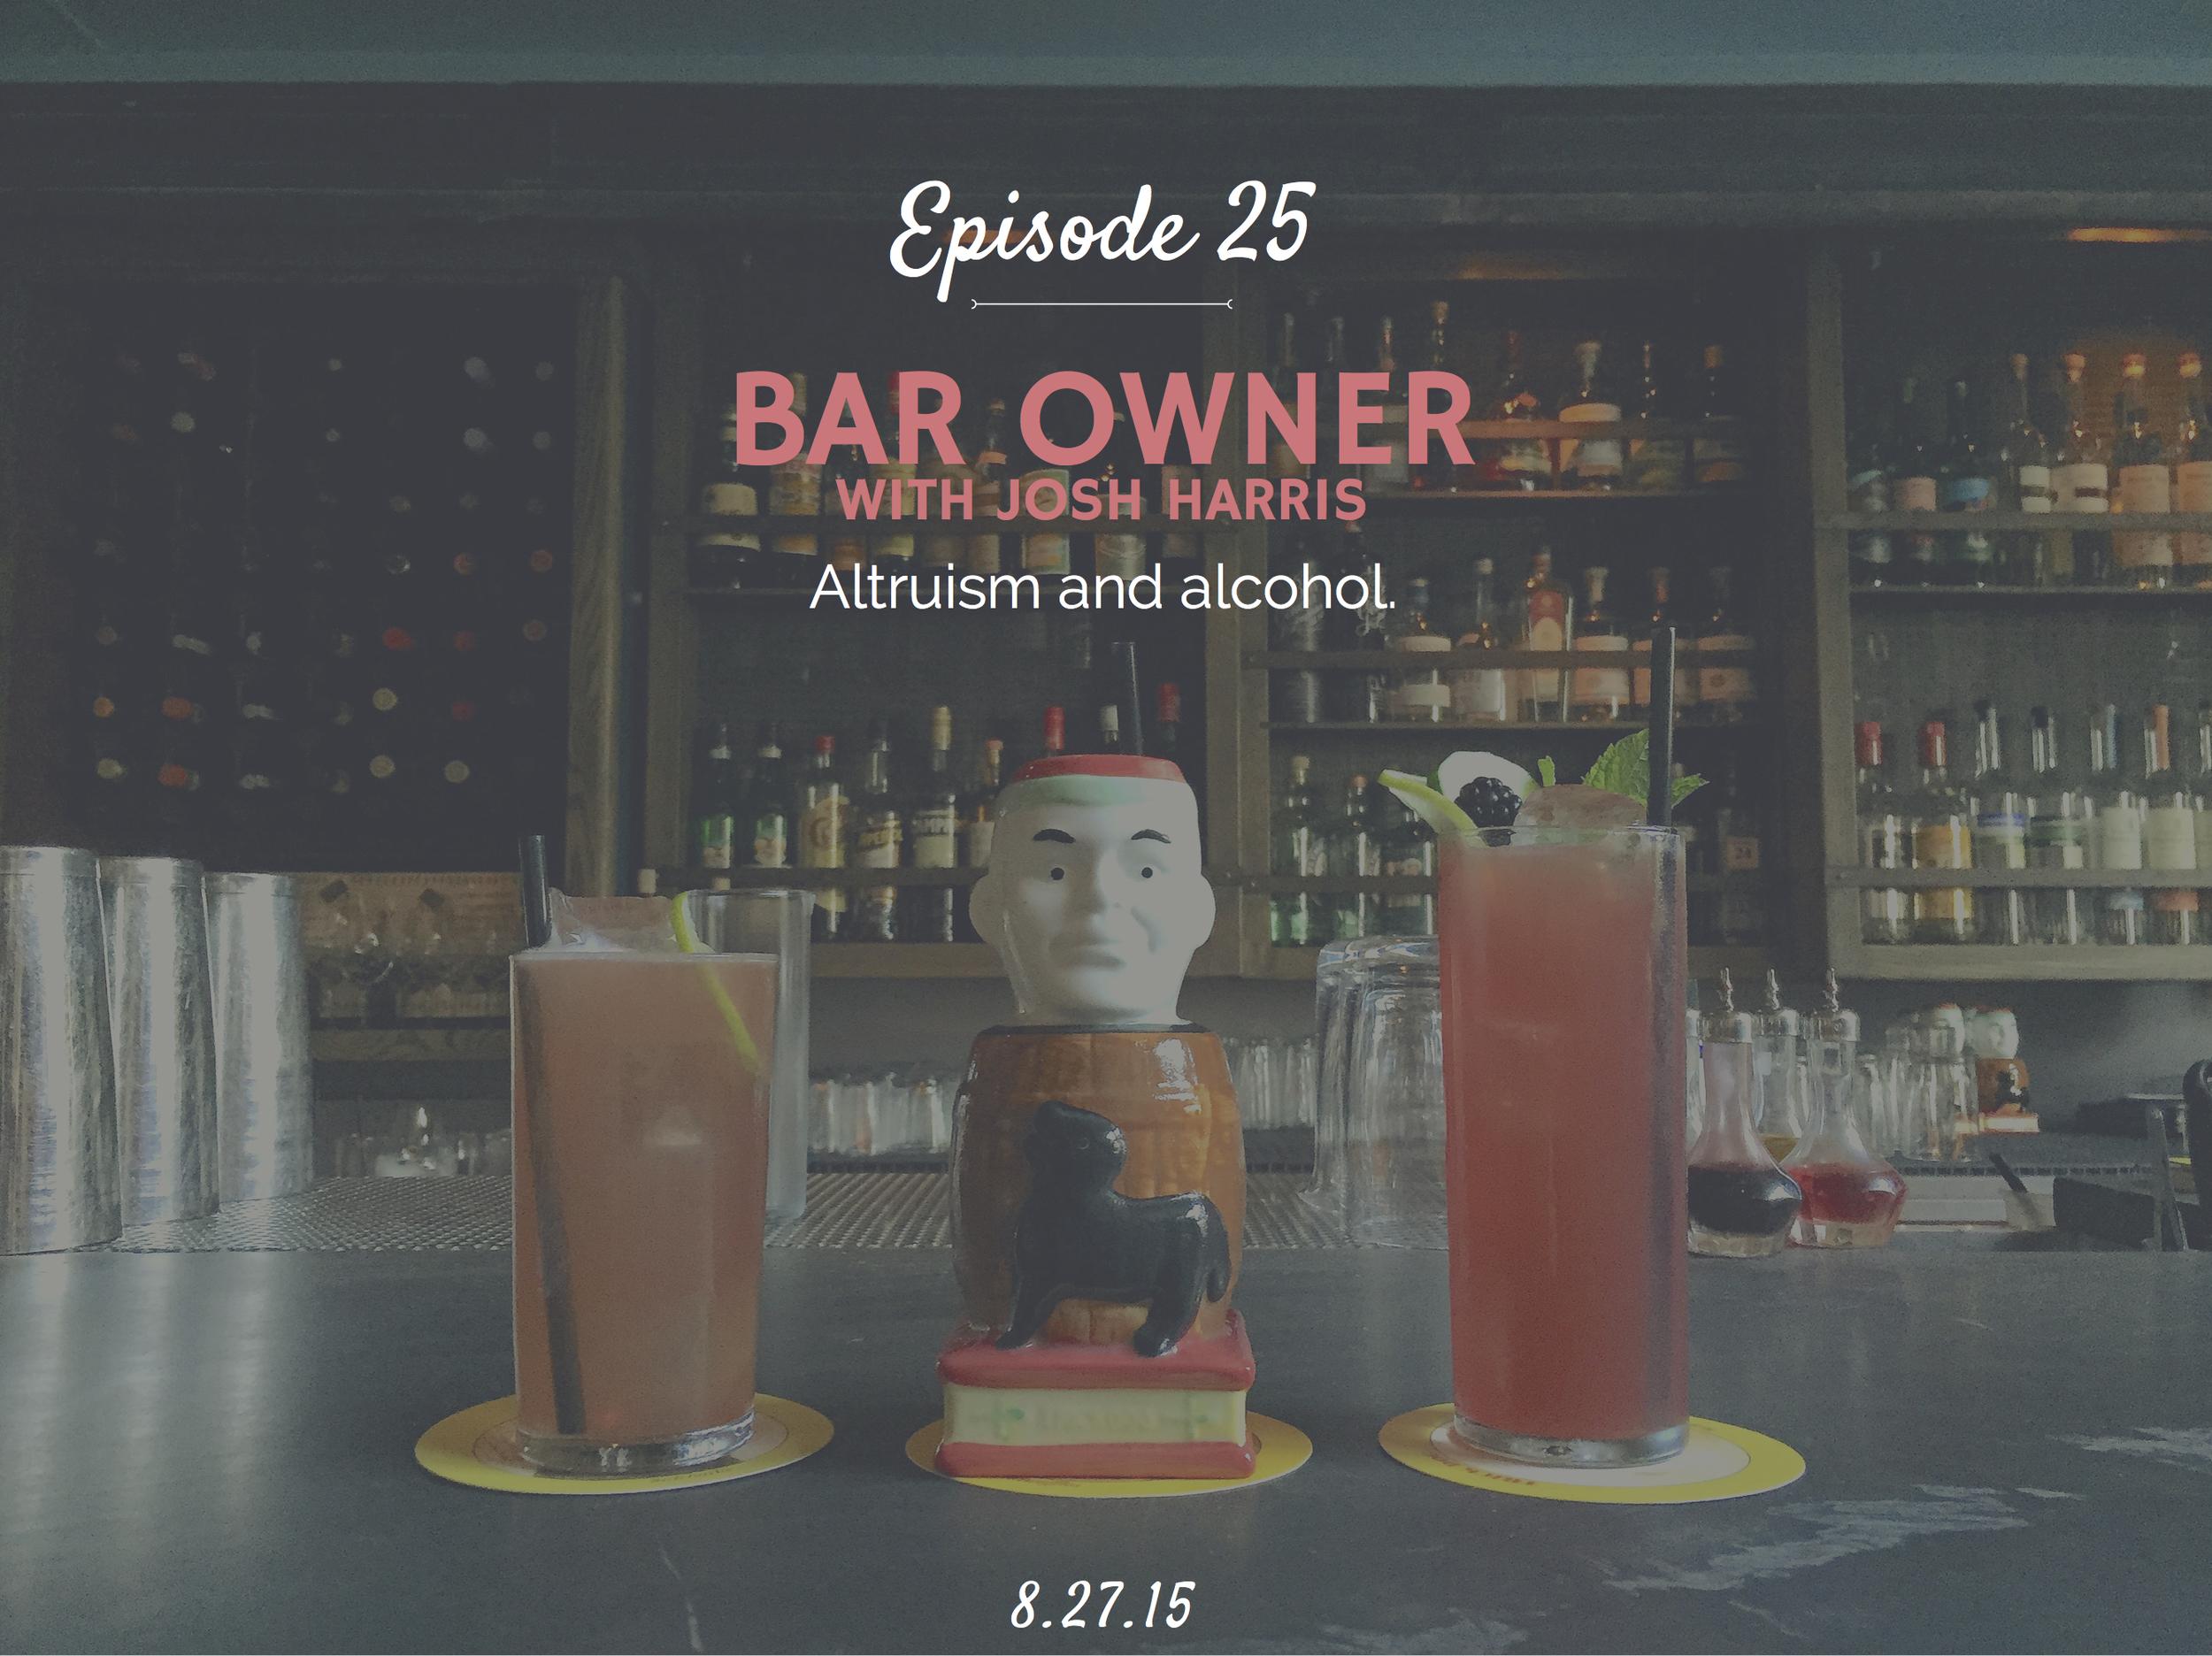 Bar owner new.jpg